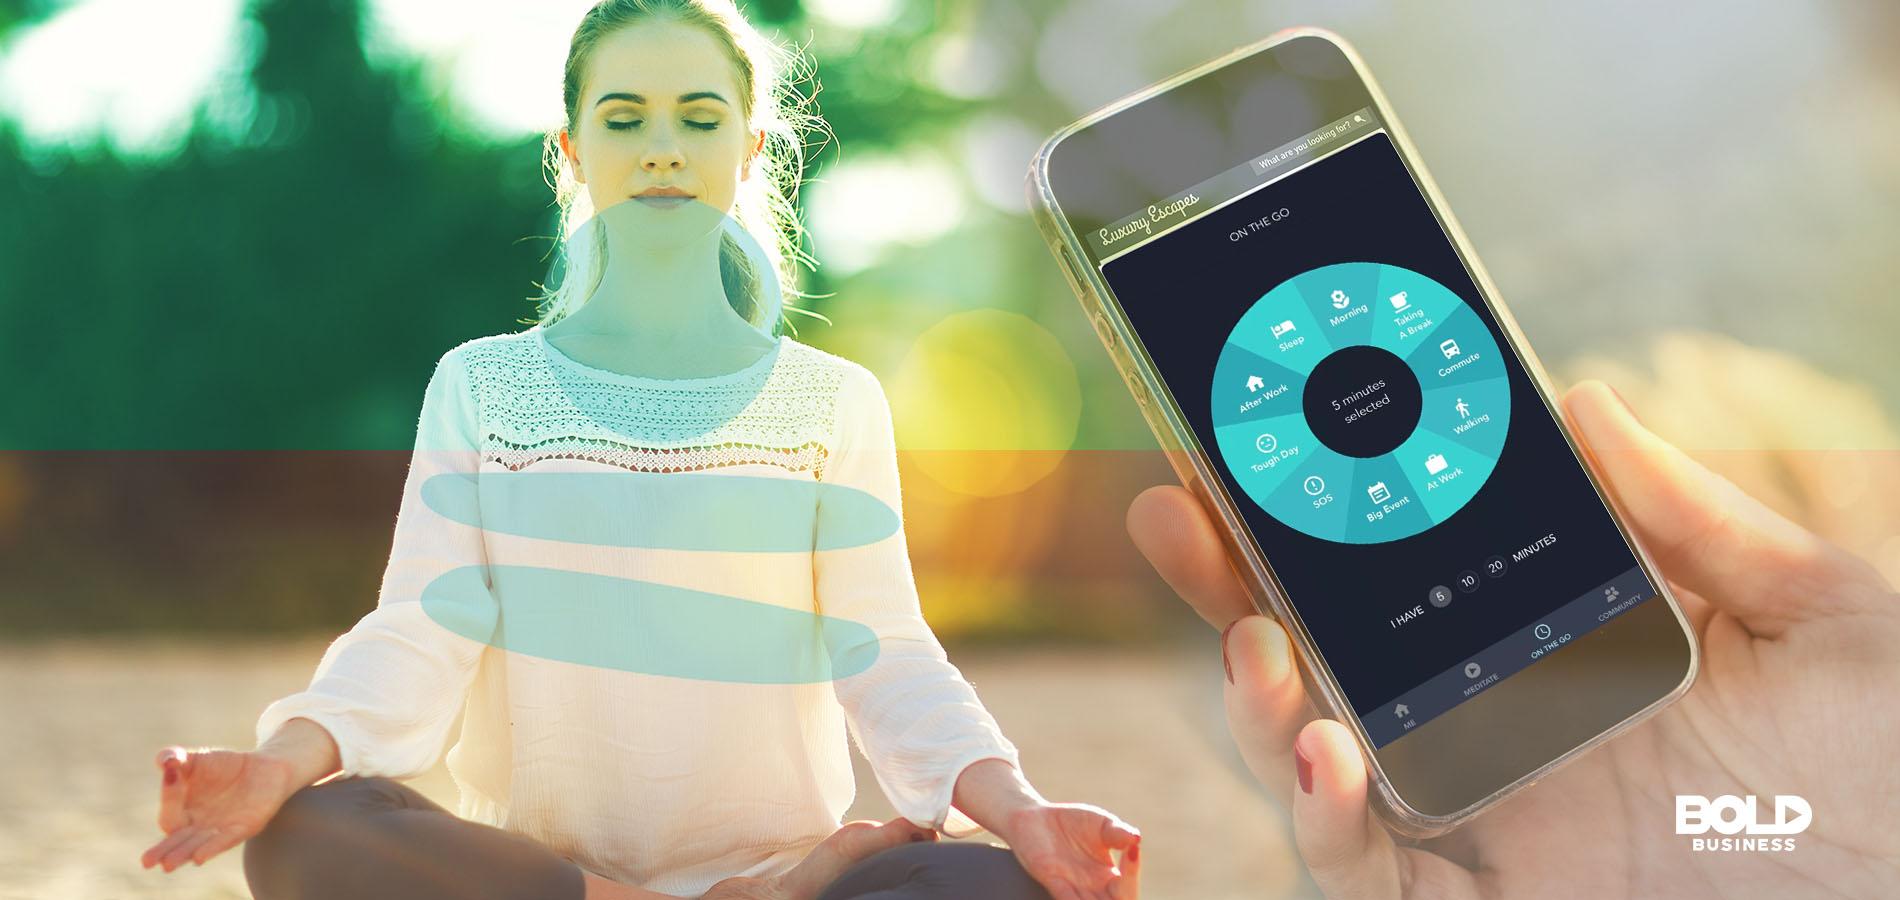 Simple Habit meditation is digital based